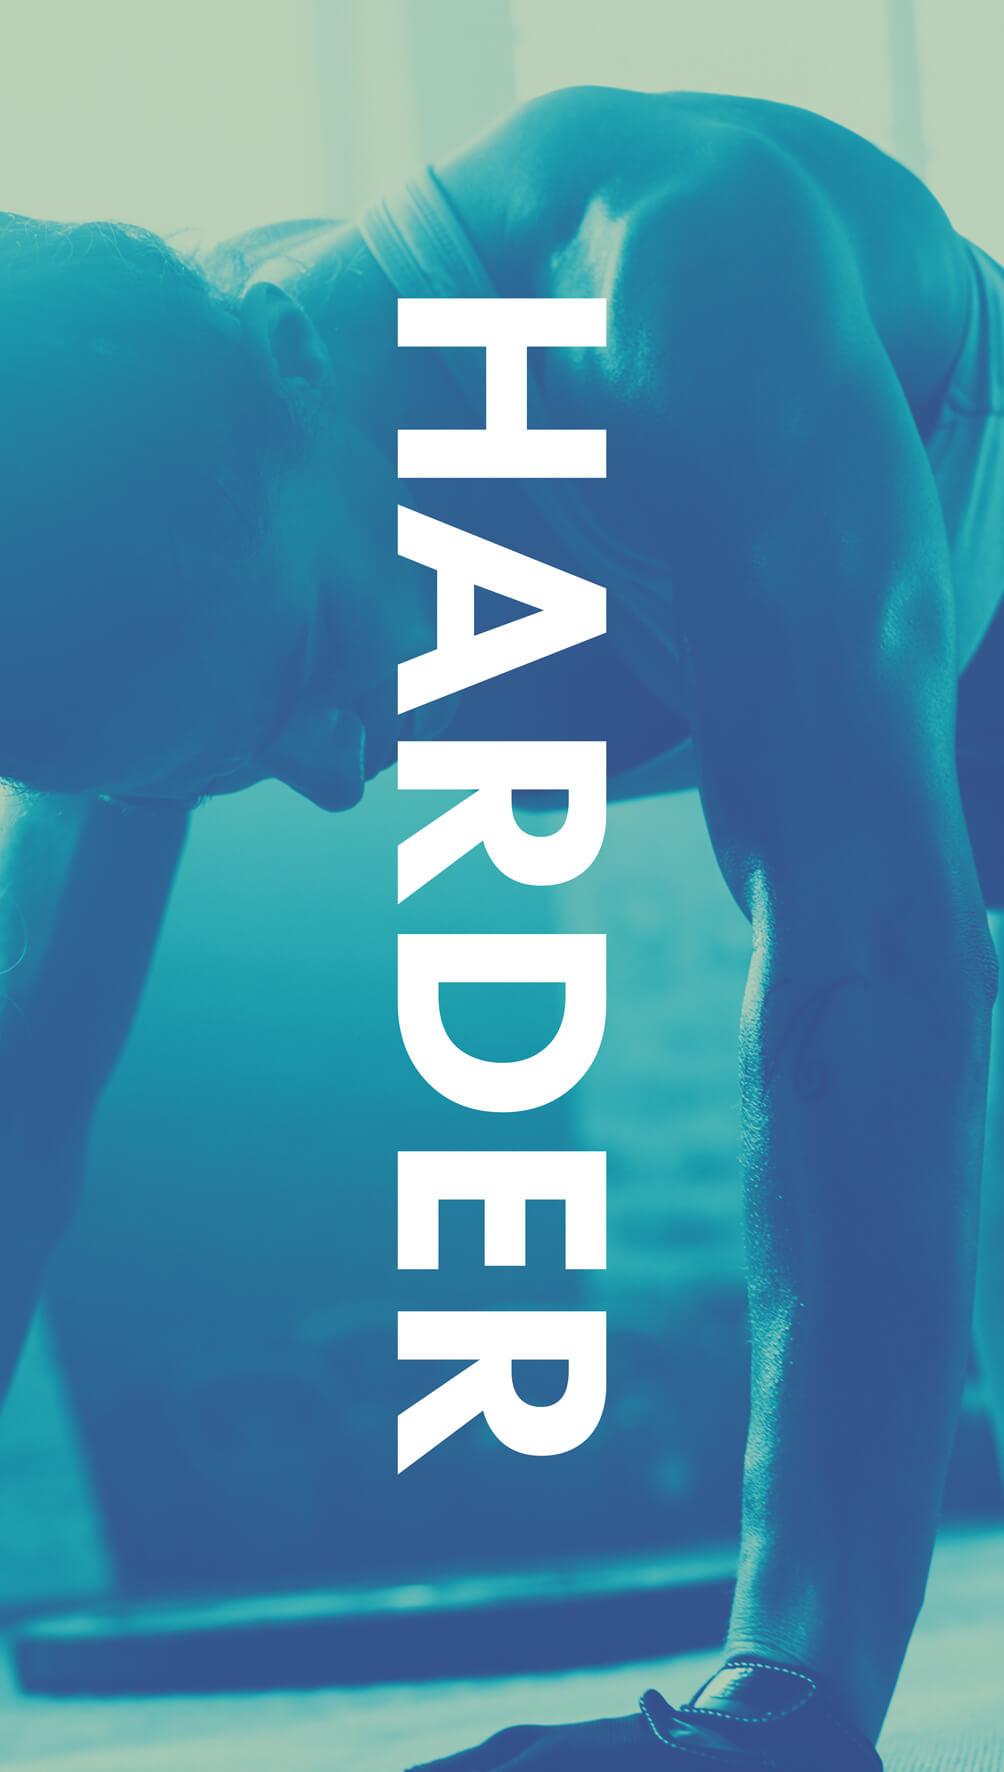 poster_harder.jpg